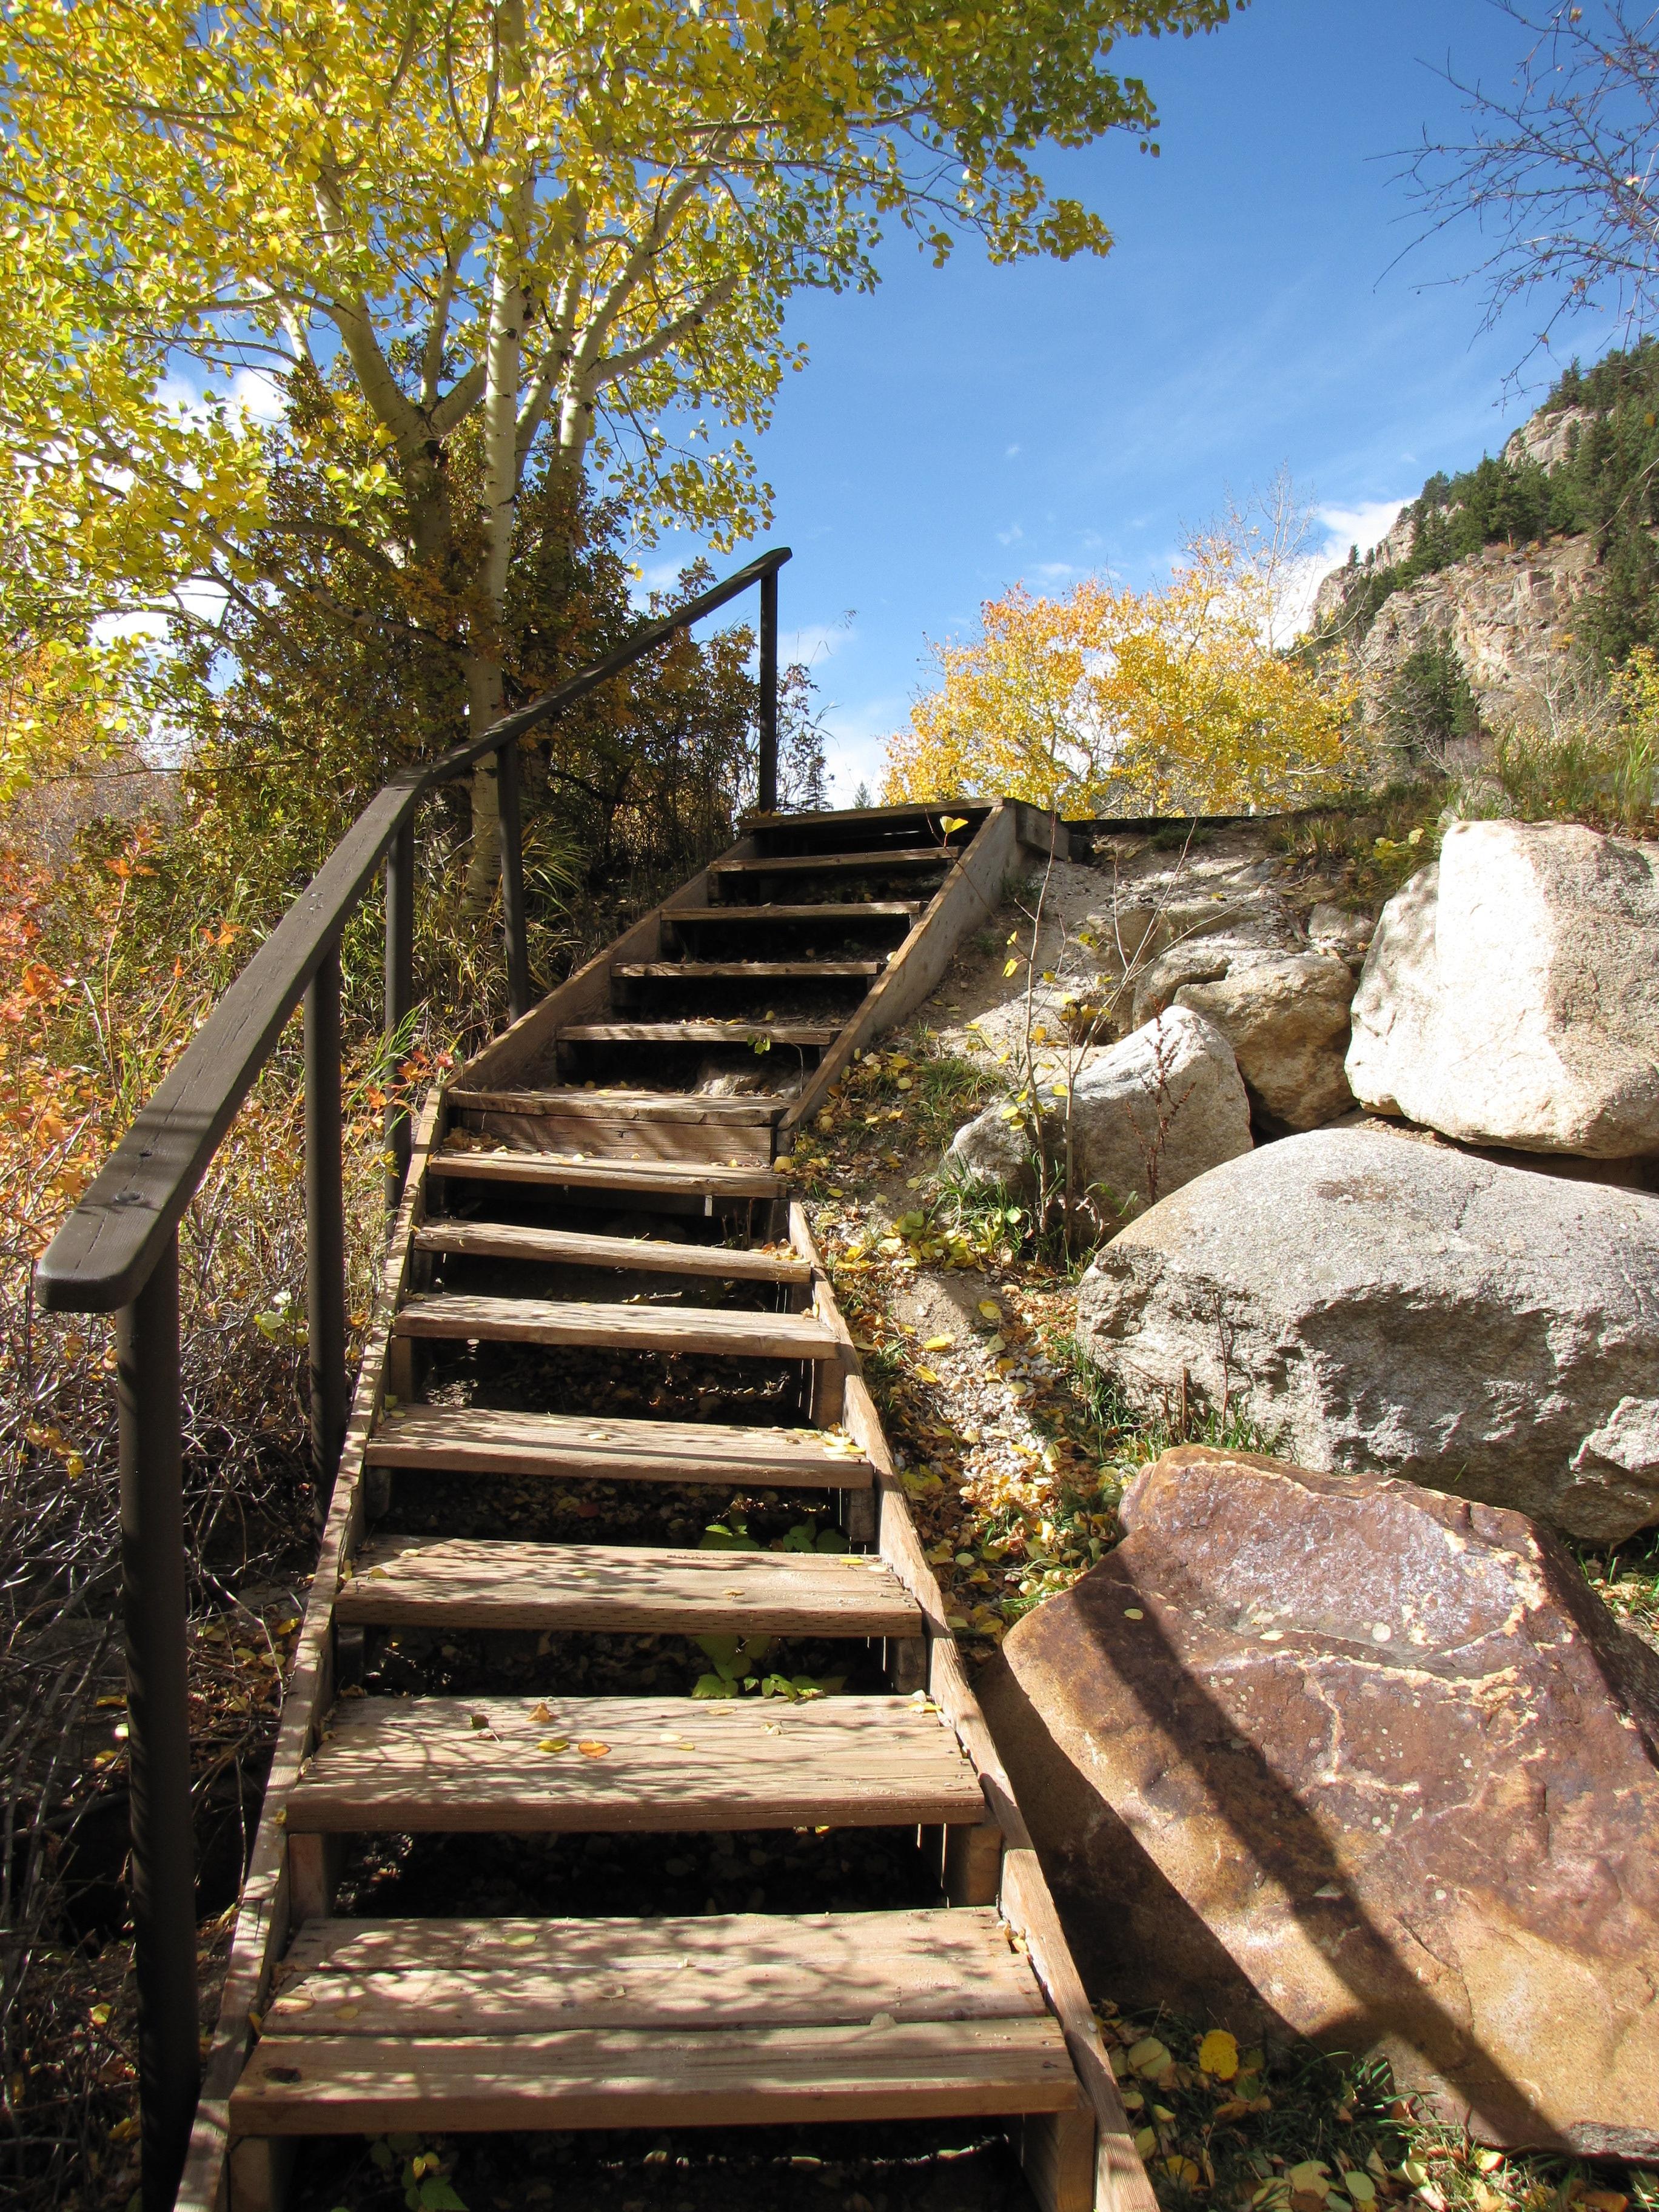 Fotos gratis rbol excursionismo sendero casa escalera pasarela caba a oto o jard n - Escaleras jardin ...